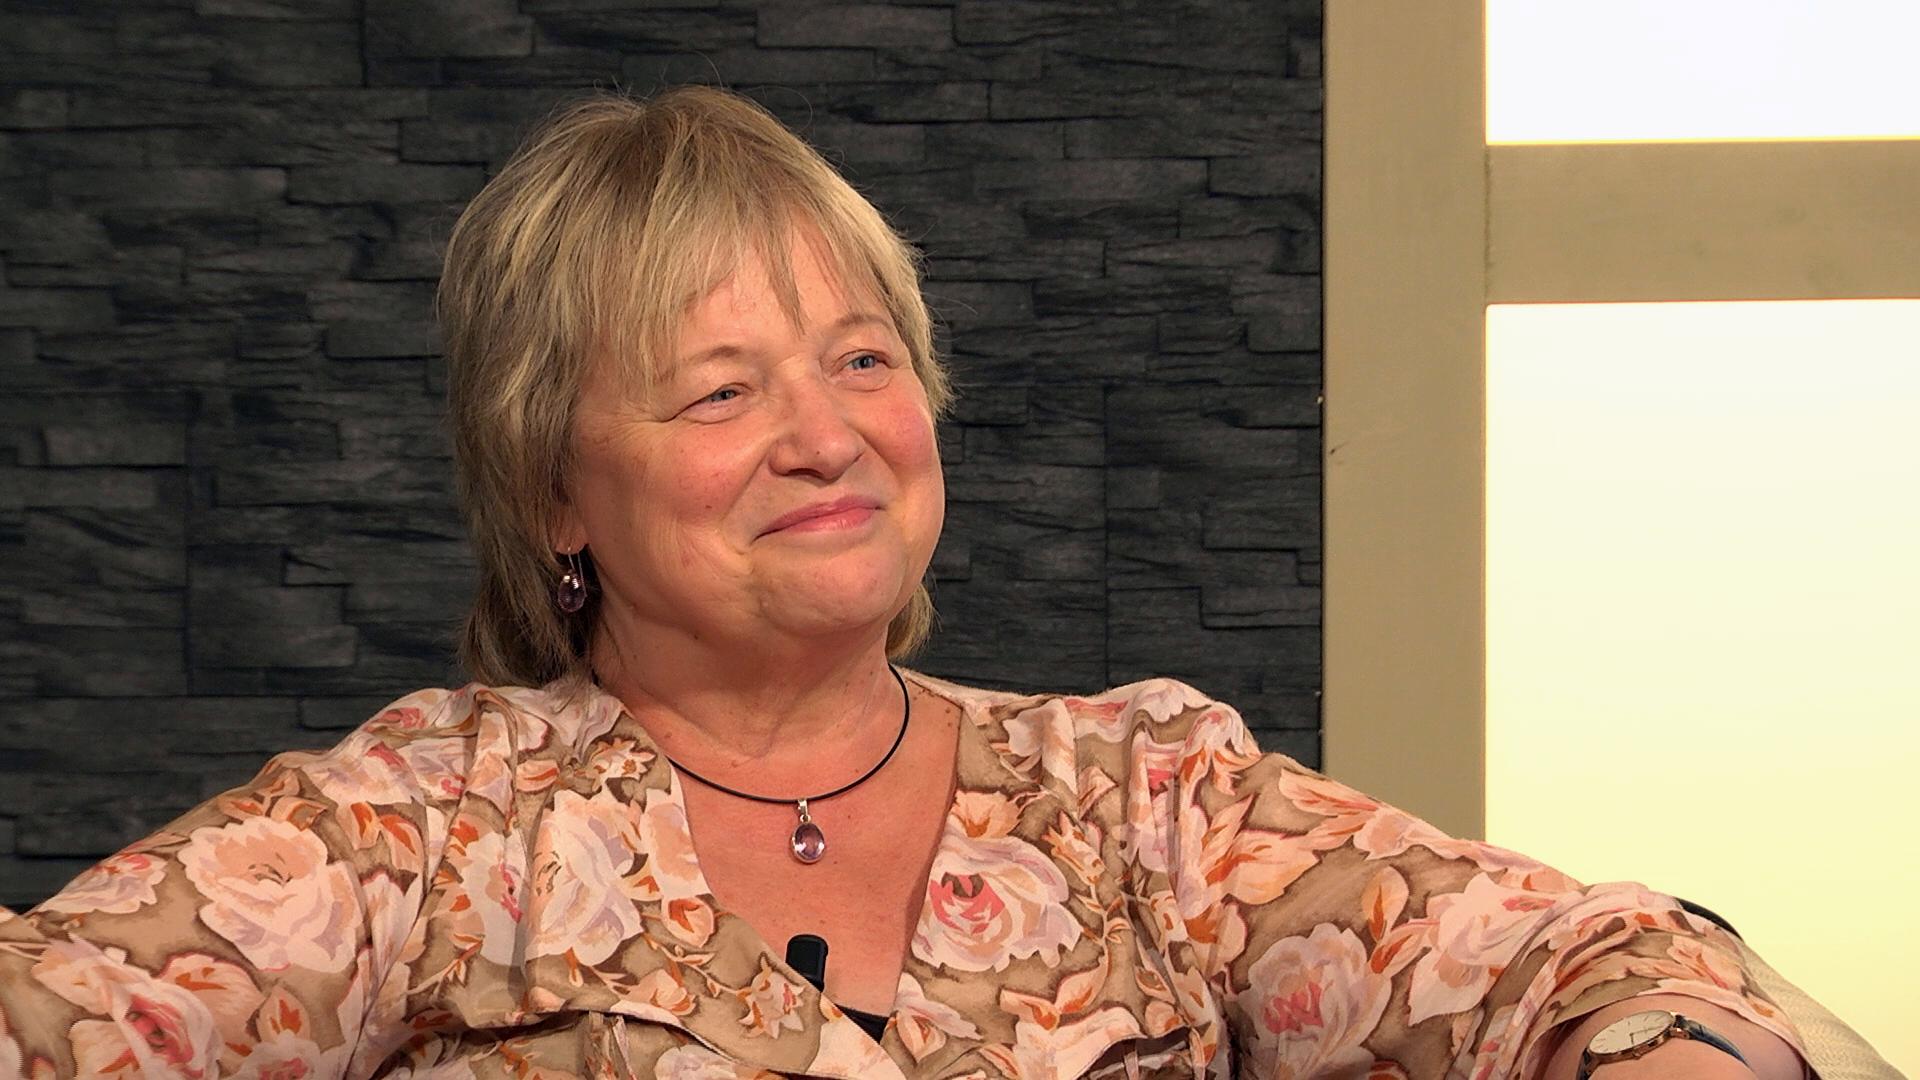 Renate Pepper, Direktorin der Landesmedienanstalt in Rheinland-Pfalz